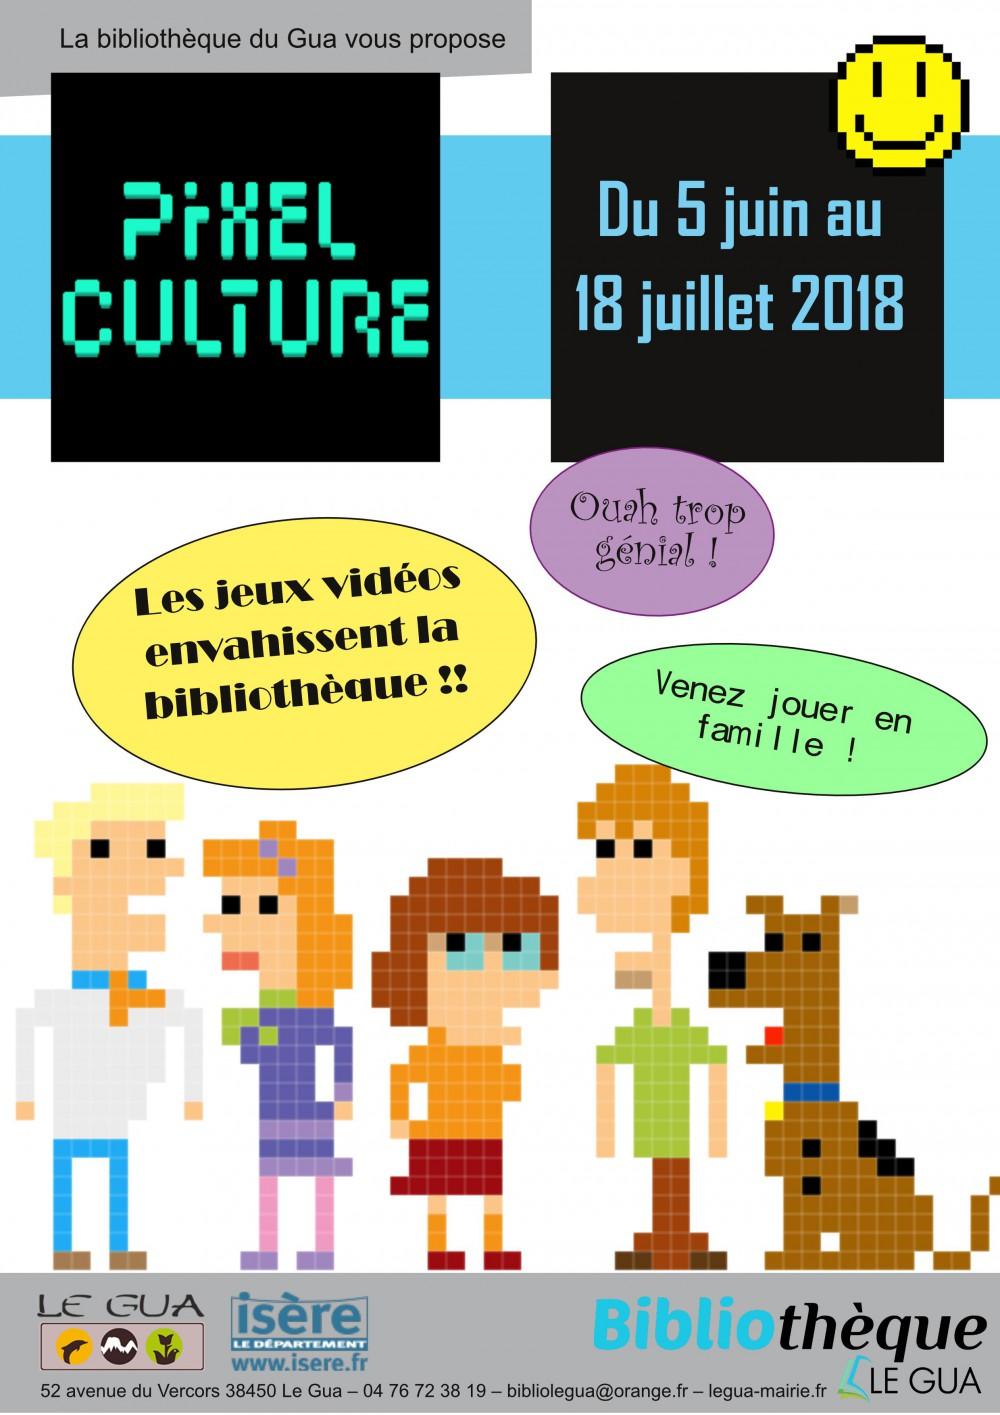 PIxel culture